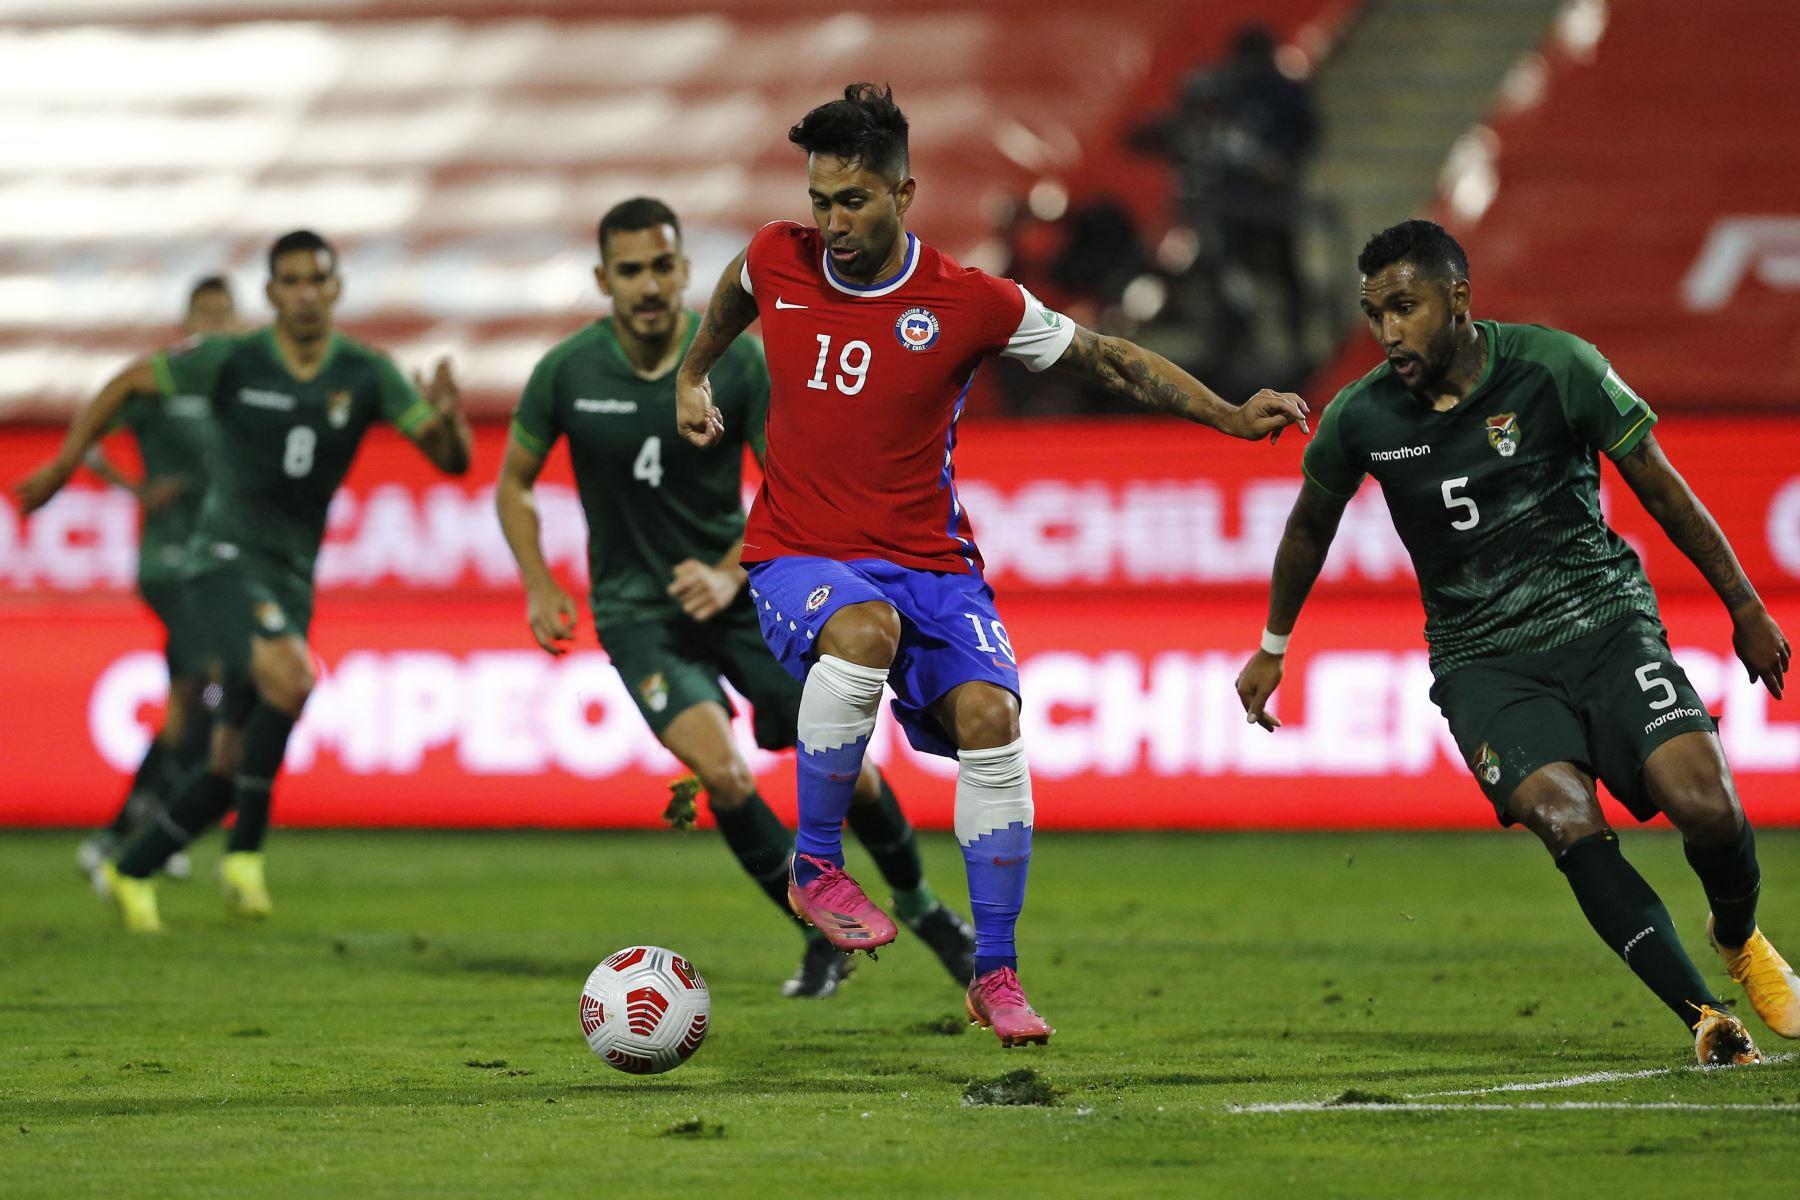 El chileno Luis Jiménez controla el balón junto al boliviano Luis Barboza durante su partido clasificatorio sudamericano para la Copa Mundial de la FIFA Catar 2022 en el Estadio Nacional de Santiago. Foto: AFP